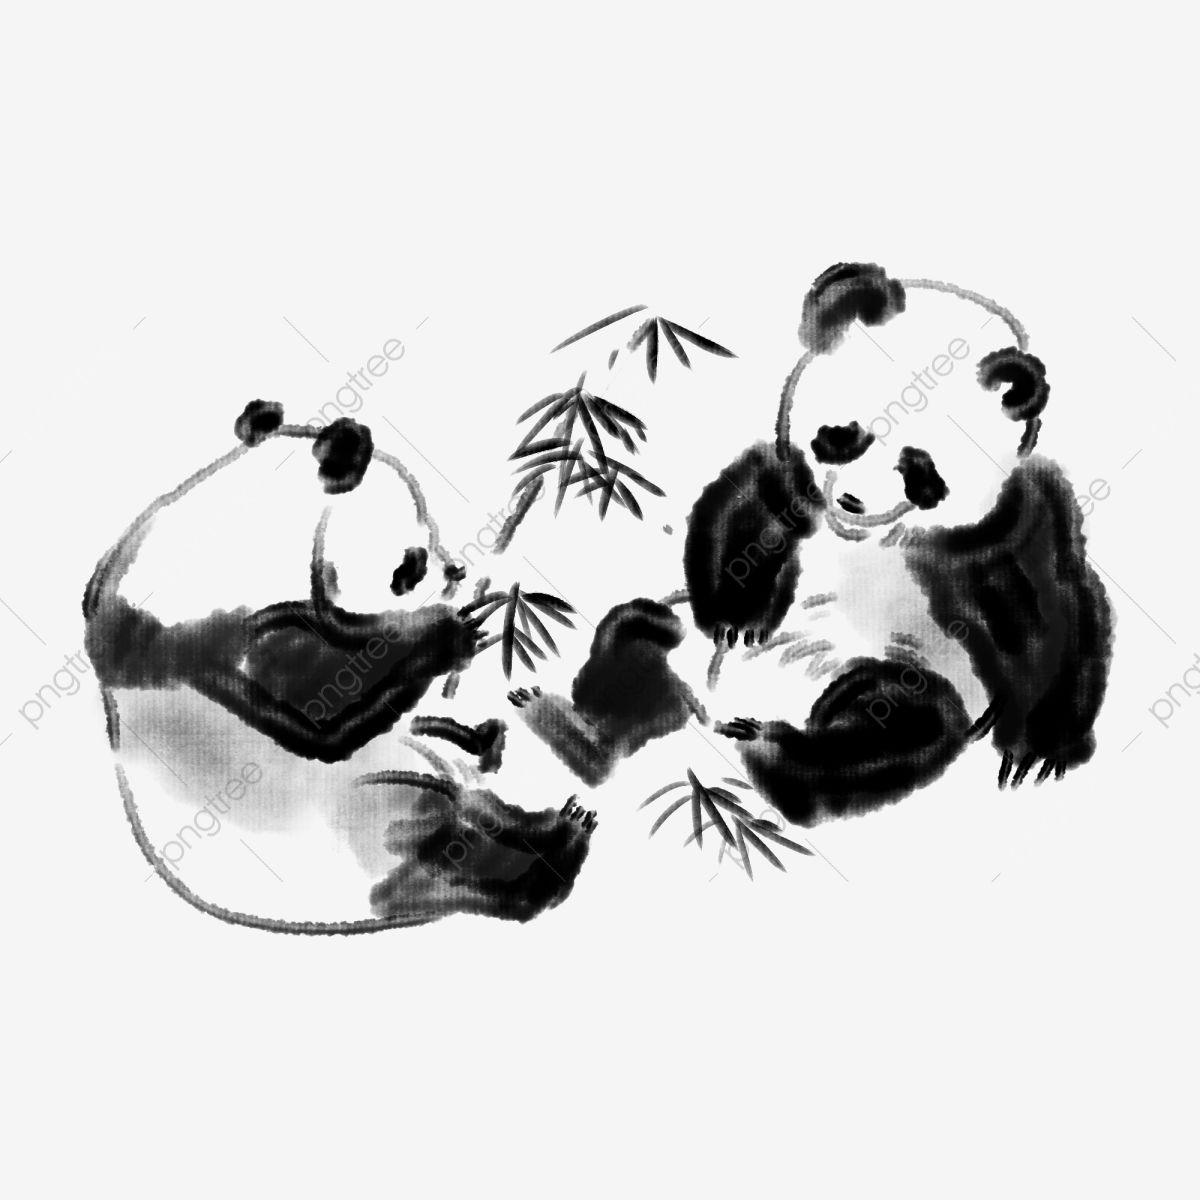 Black Panda Cute Panda Hand Drawn Panda Cartoon Panda Panda Clipart National Treasure Panda Black Bamboo Png Transparent Clipart Image And Psd File For Free Cartoon Background Cartoon Panda Red